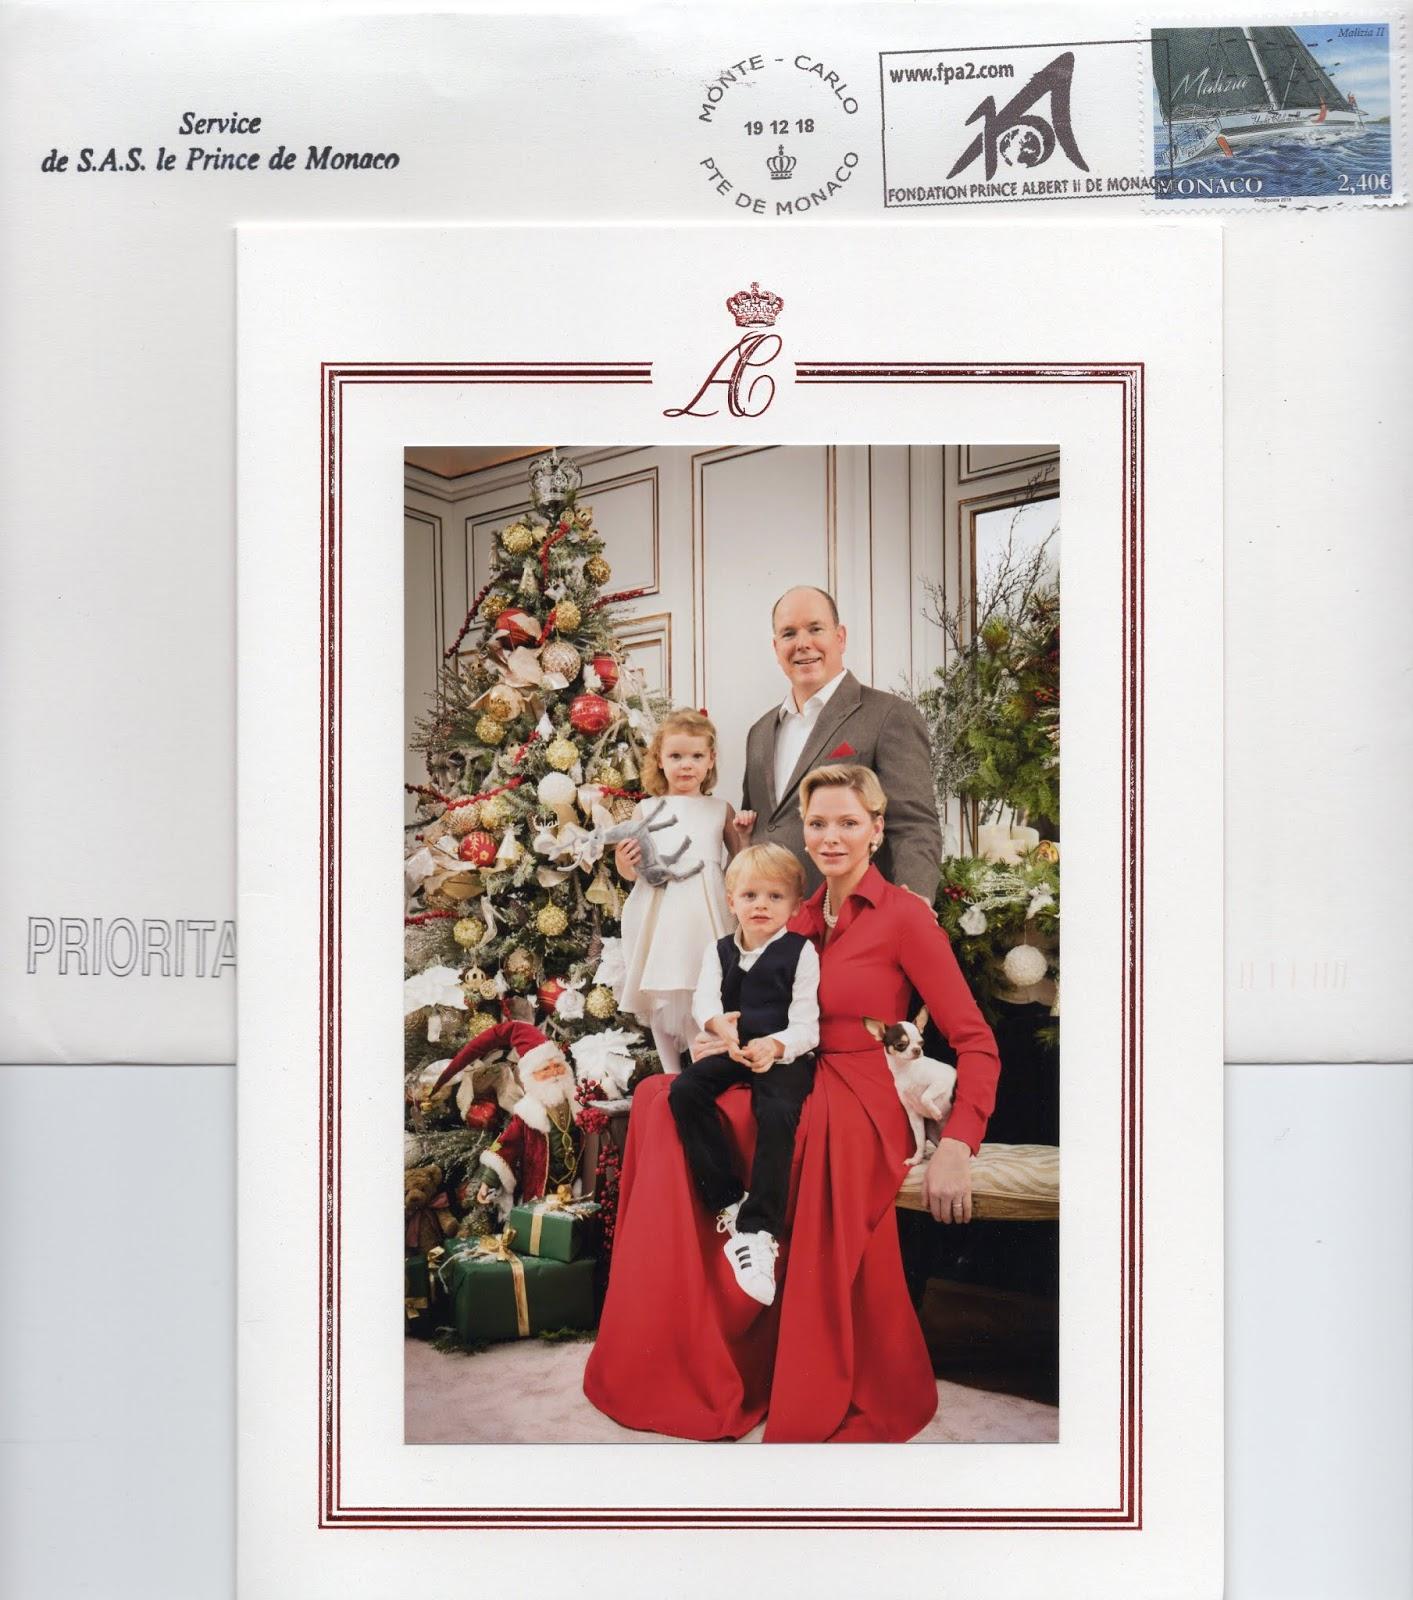 Weihnachtsgrüße Per Post.Königlicher Beobachter Königliche Post Weihnachtsgrüße Aus Monaco